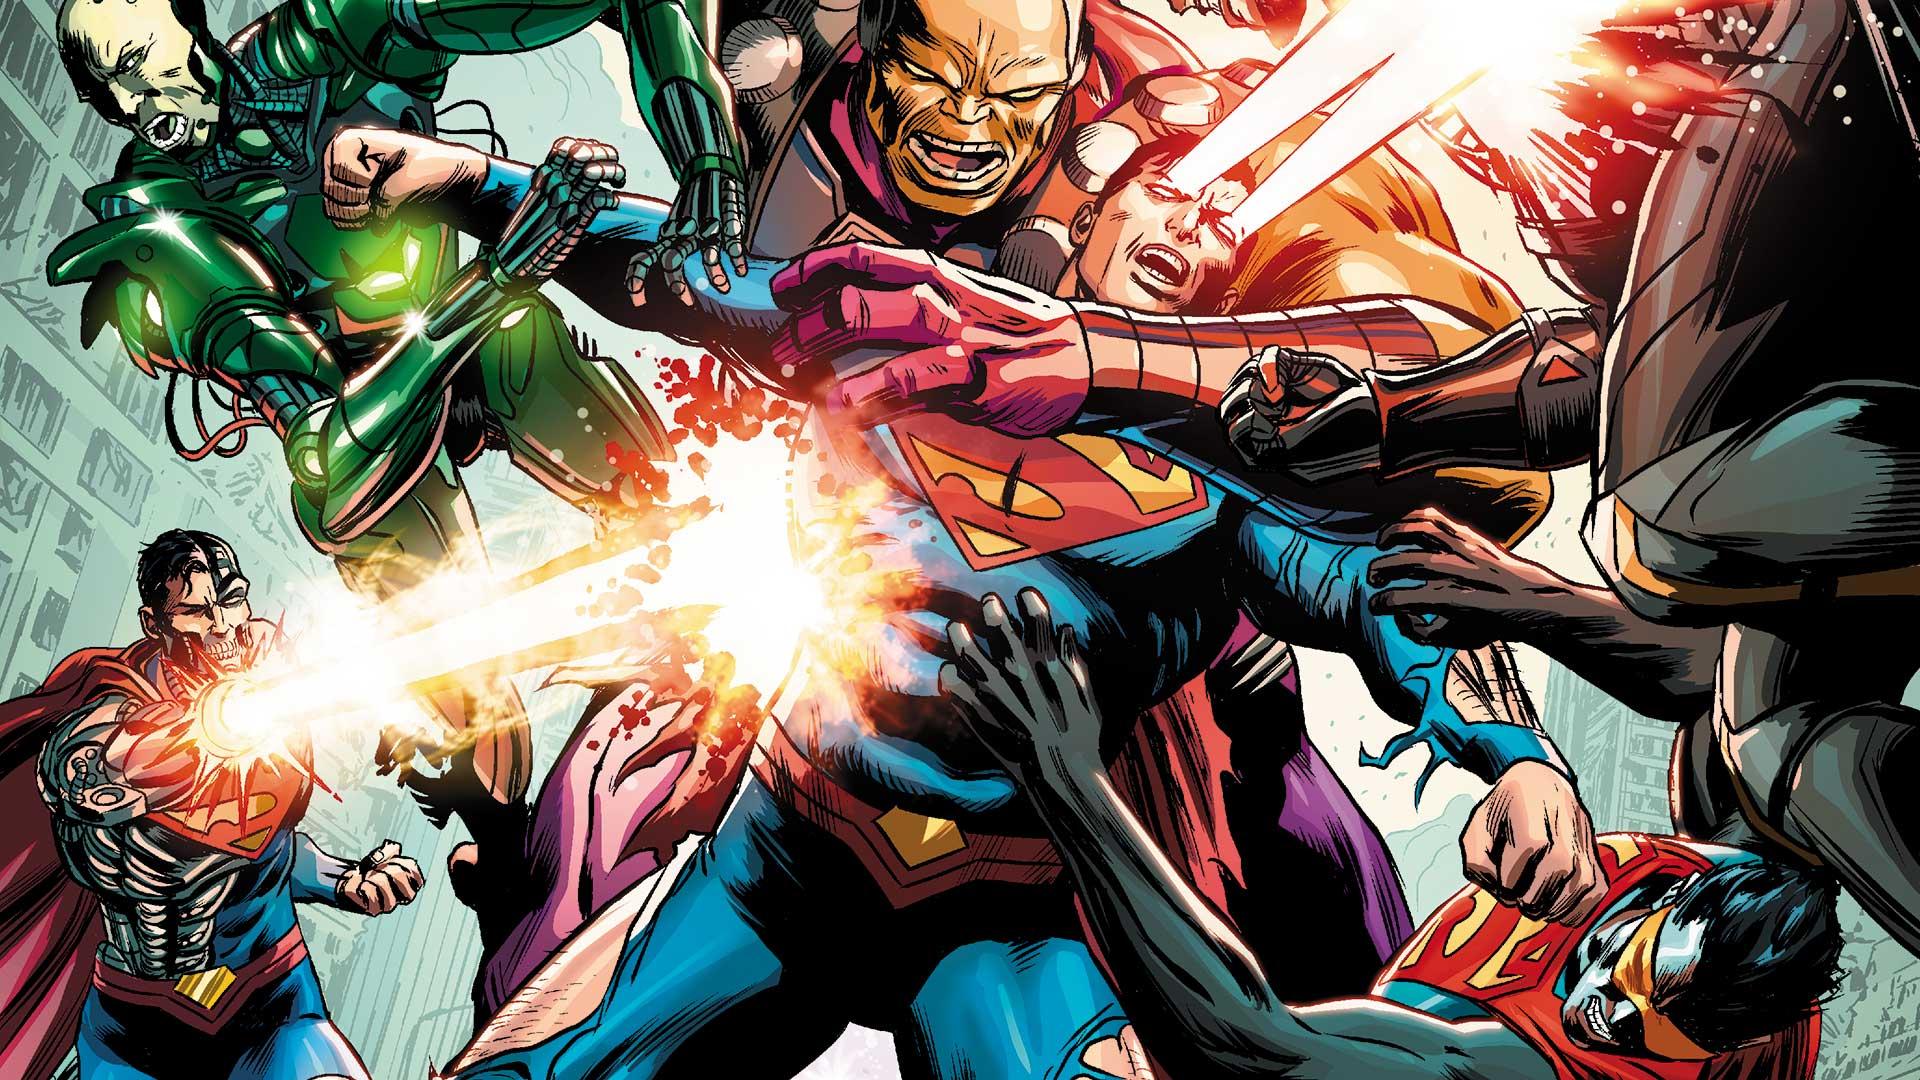 Review: Action Comics #982